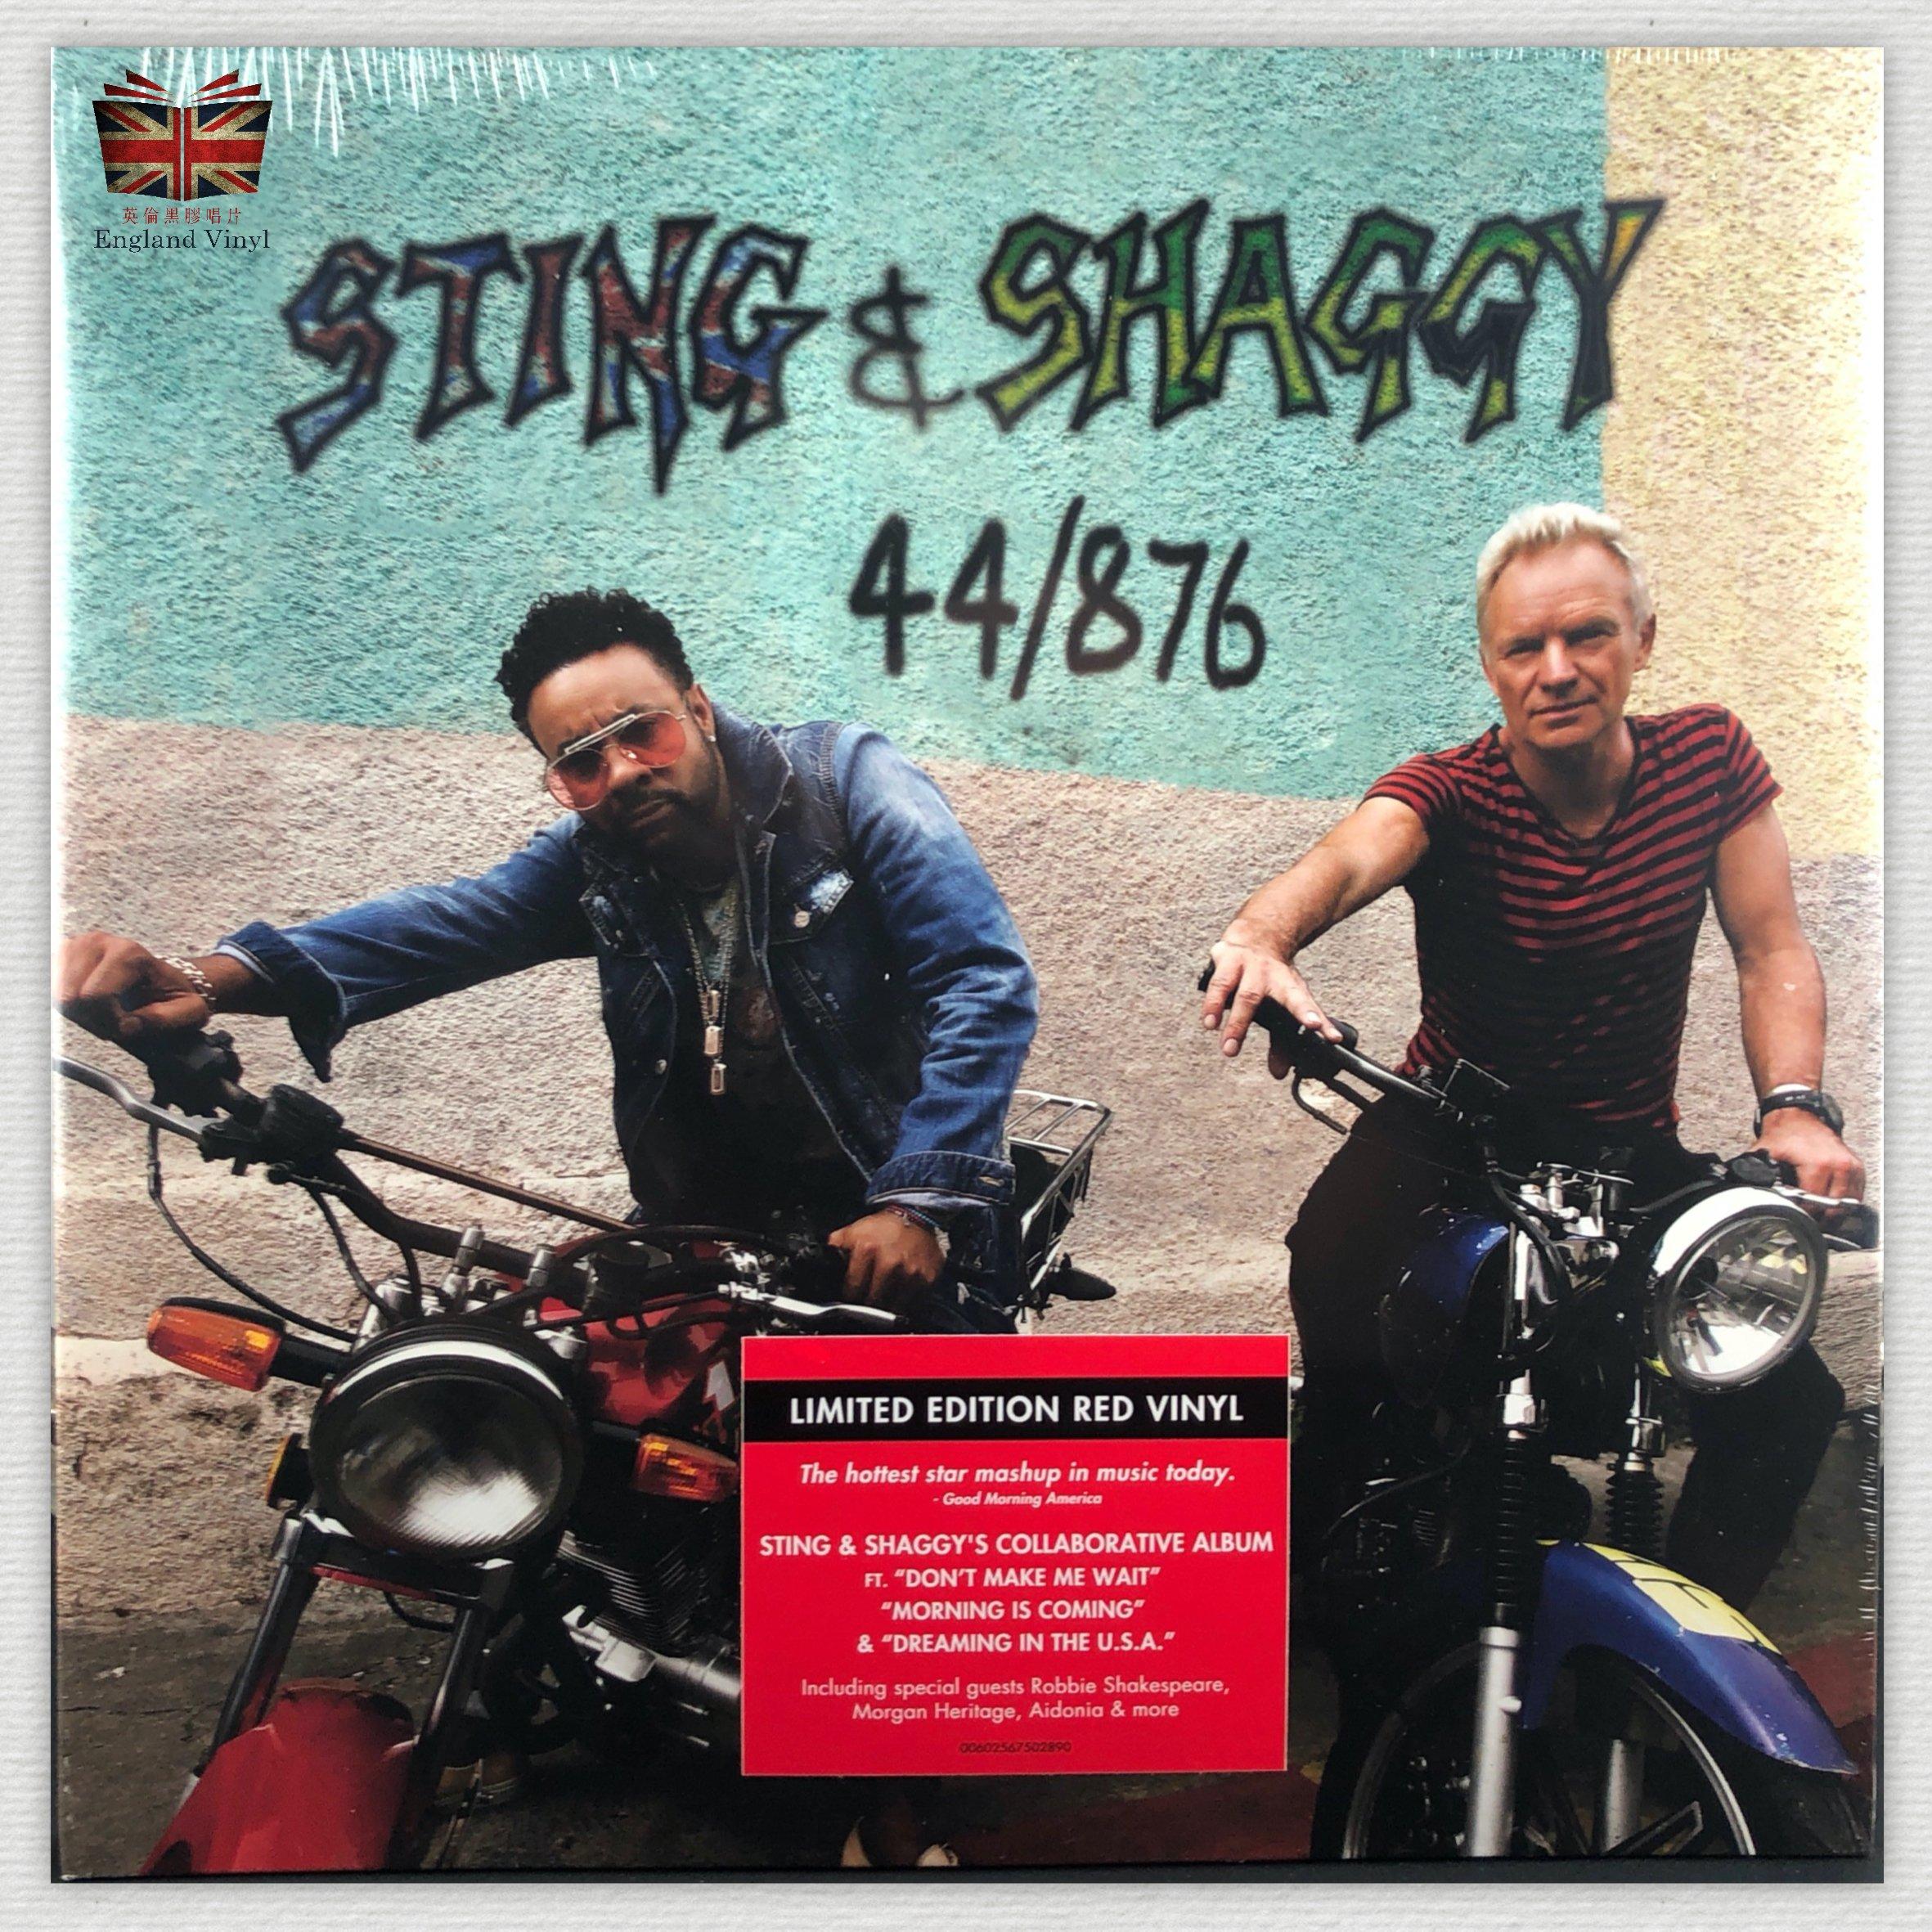 [英倫黑膠唱片Vinyl LP] 史汀、夏奇 / 44/876 Sting & Shaggy